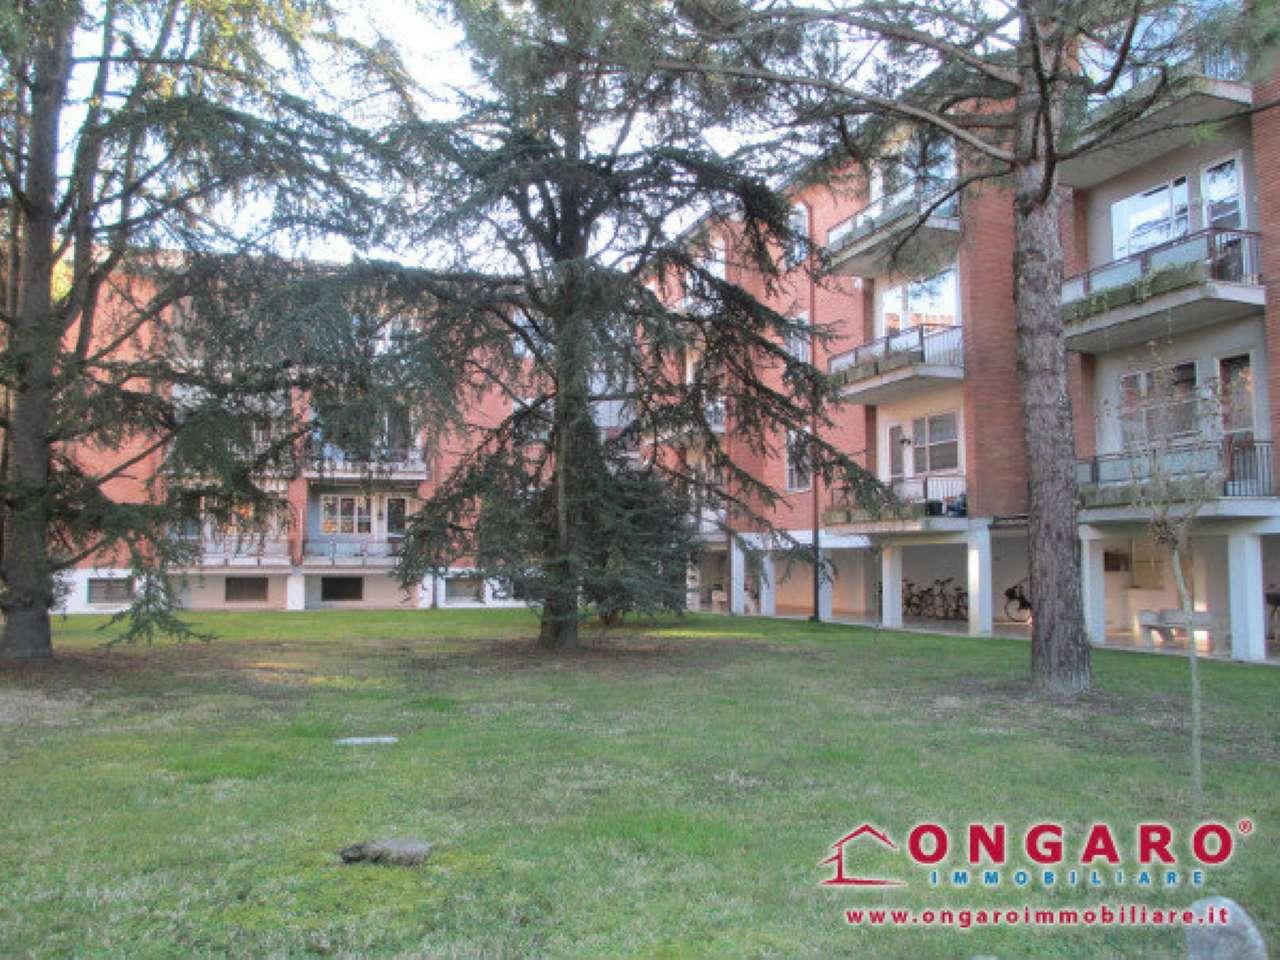 Appartamento in vendita a Copparo, 4 locali, prezzo € 55.000 | Cambio Casa.it